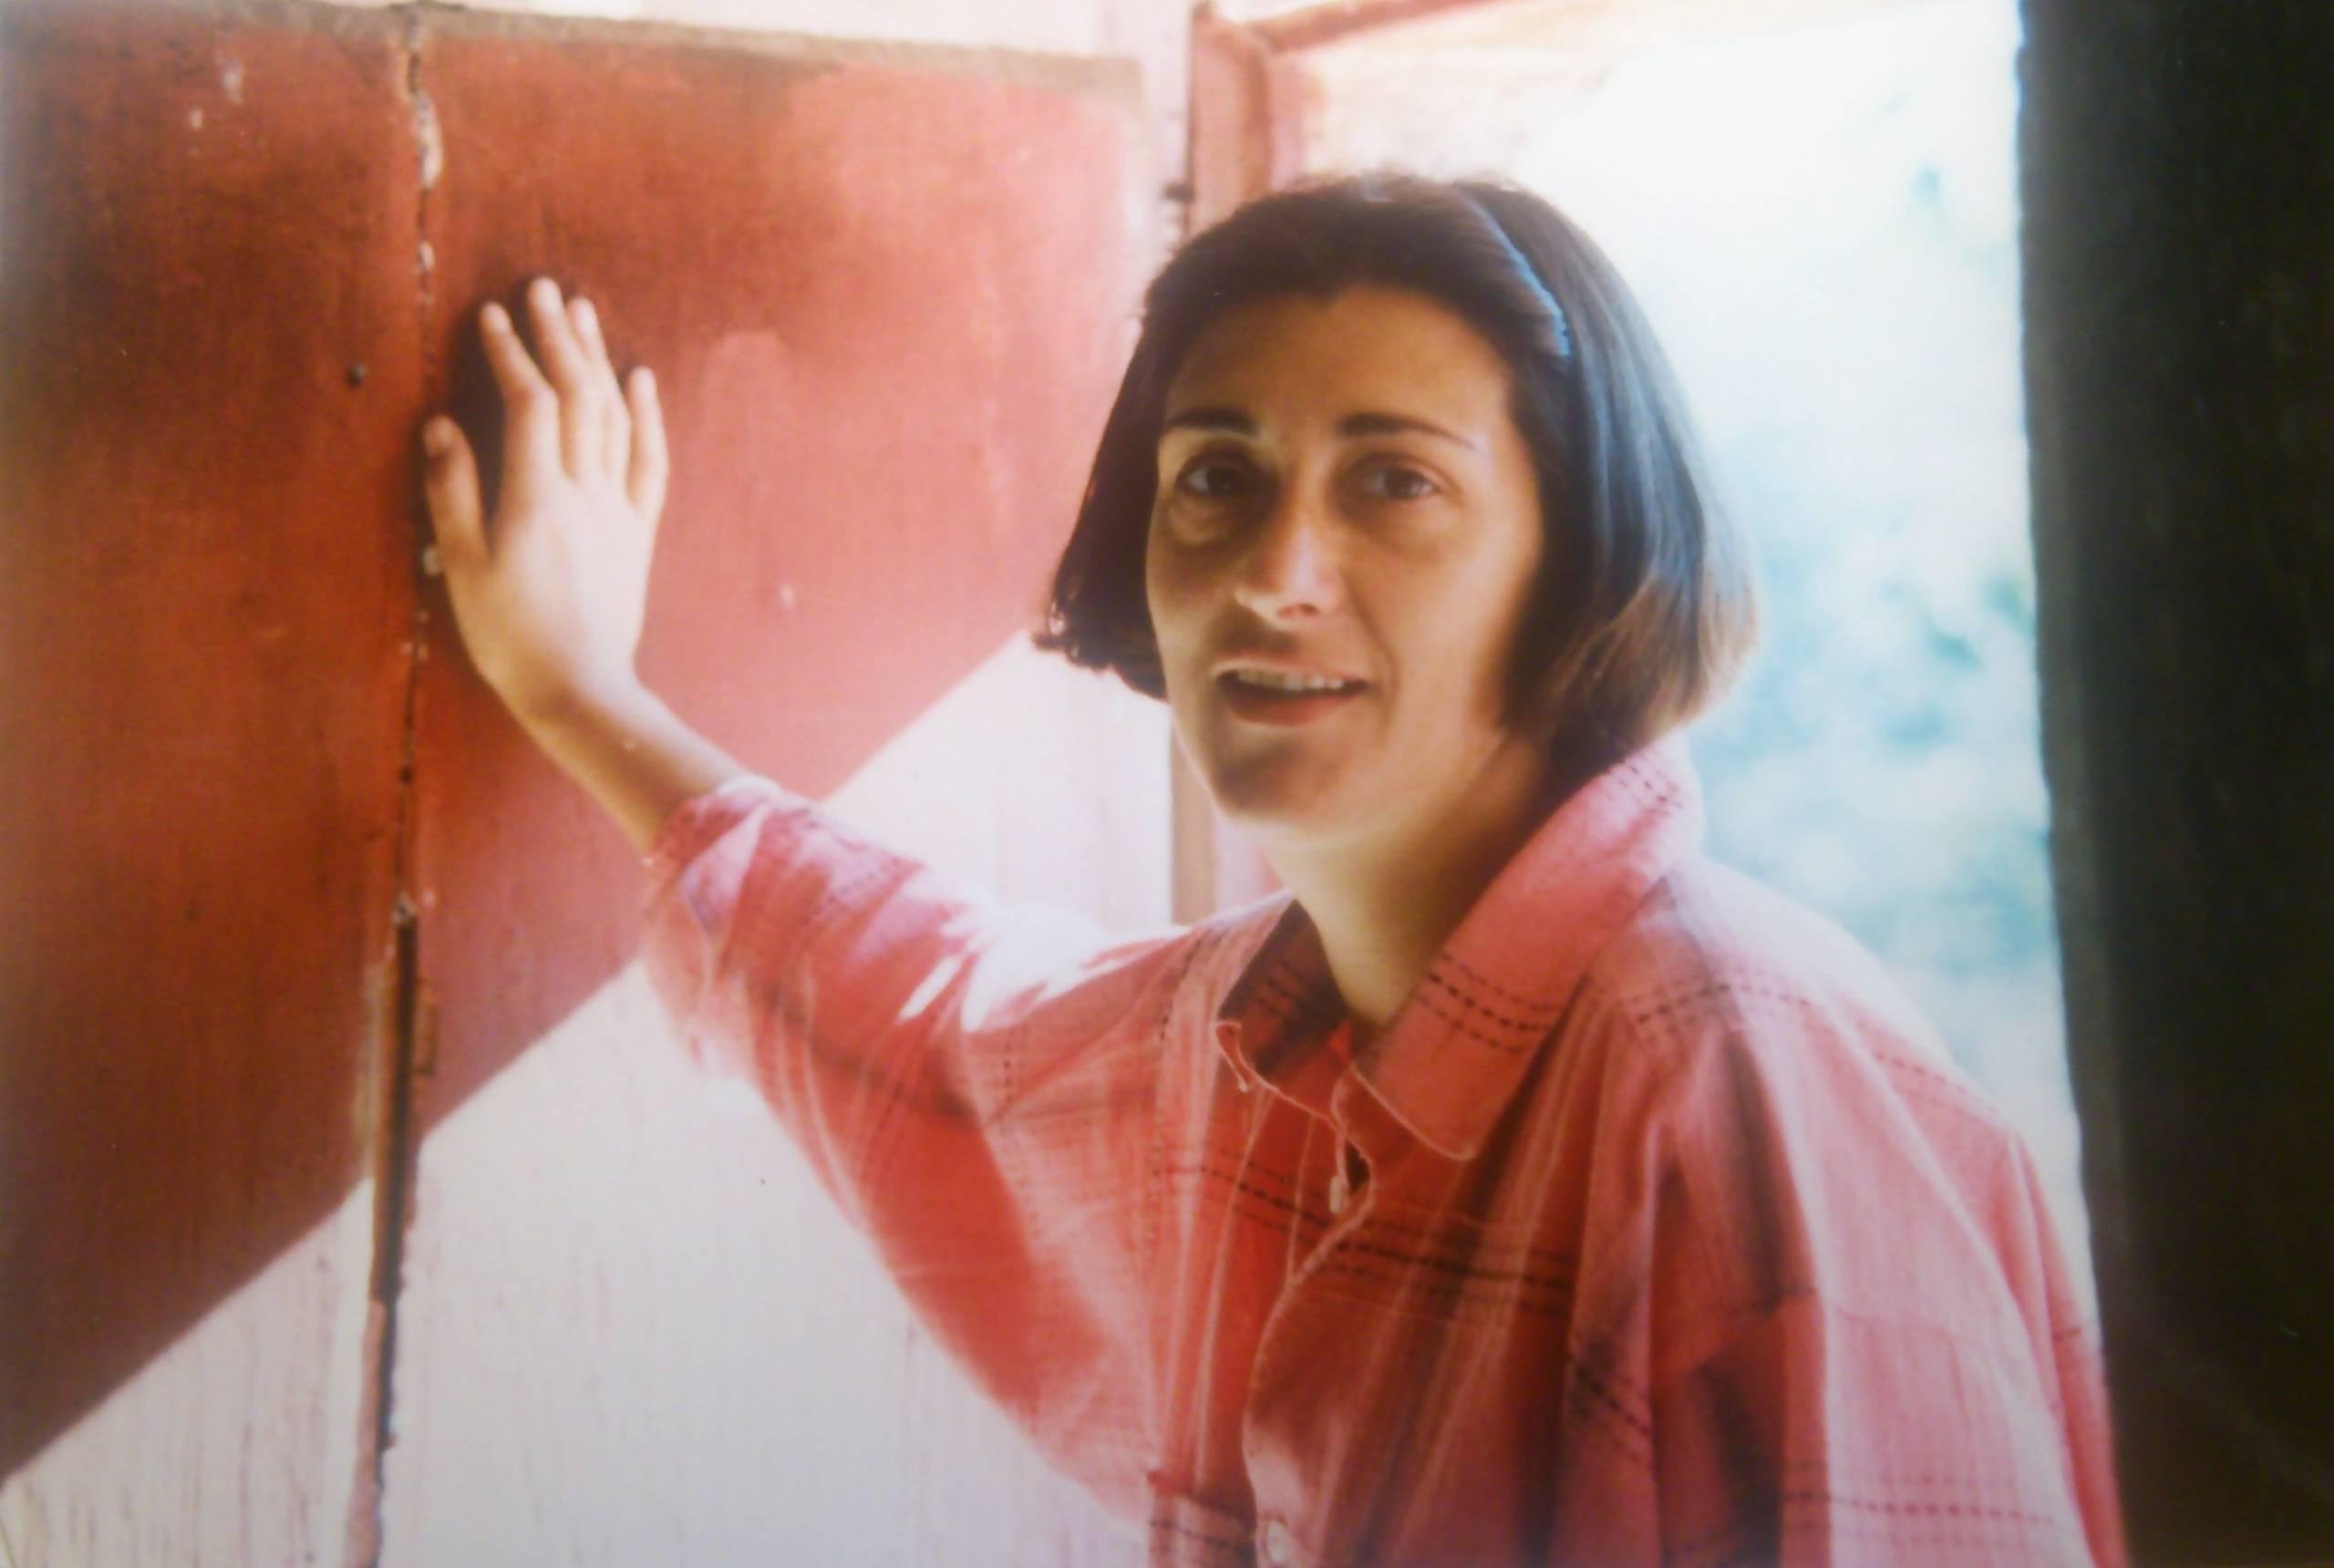 Prémio Bárbara Virgínia da Academia Portuguesa de Cinema